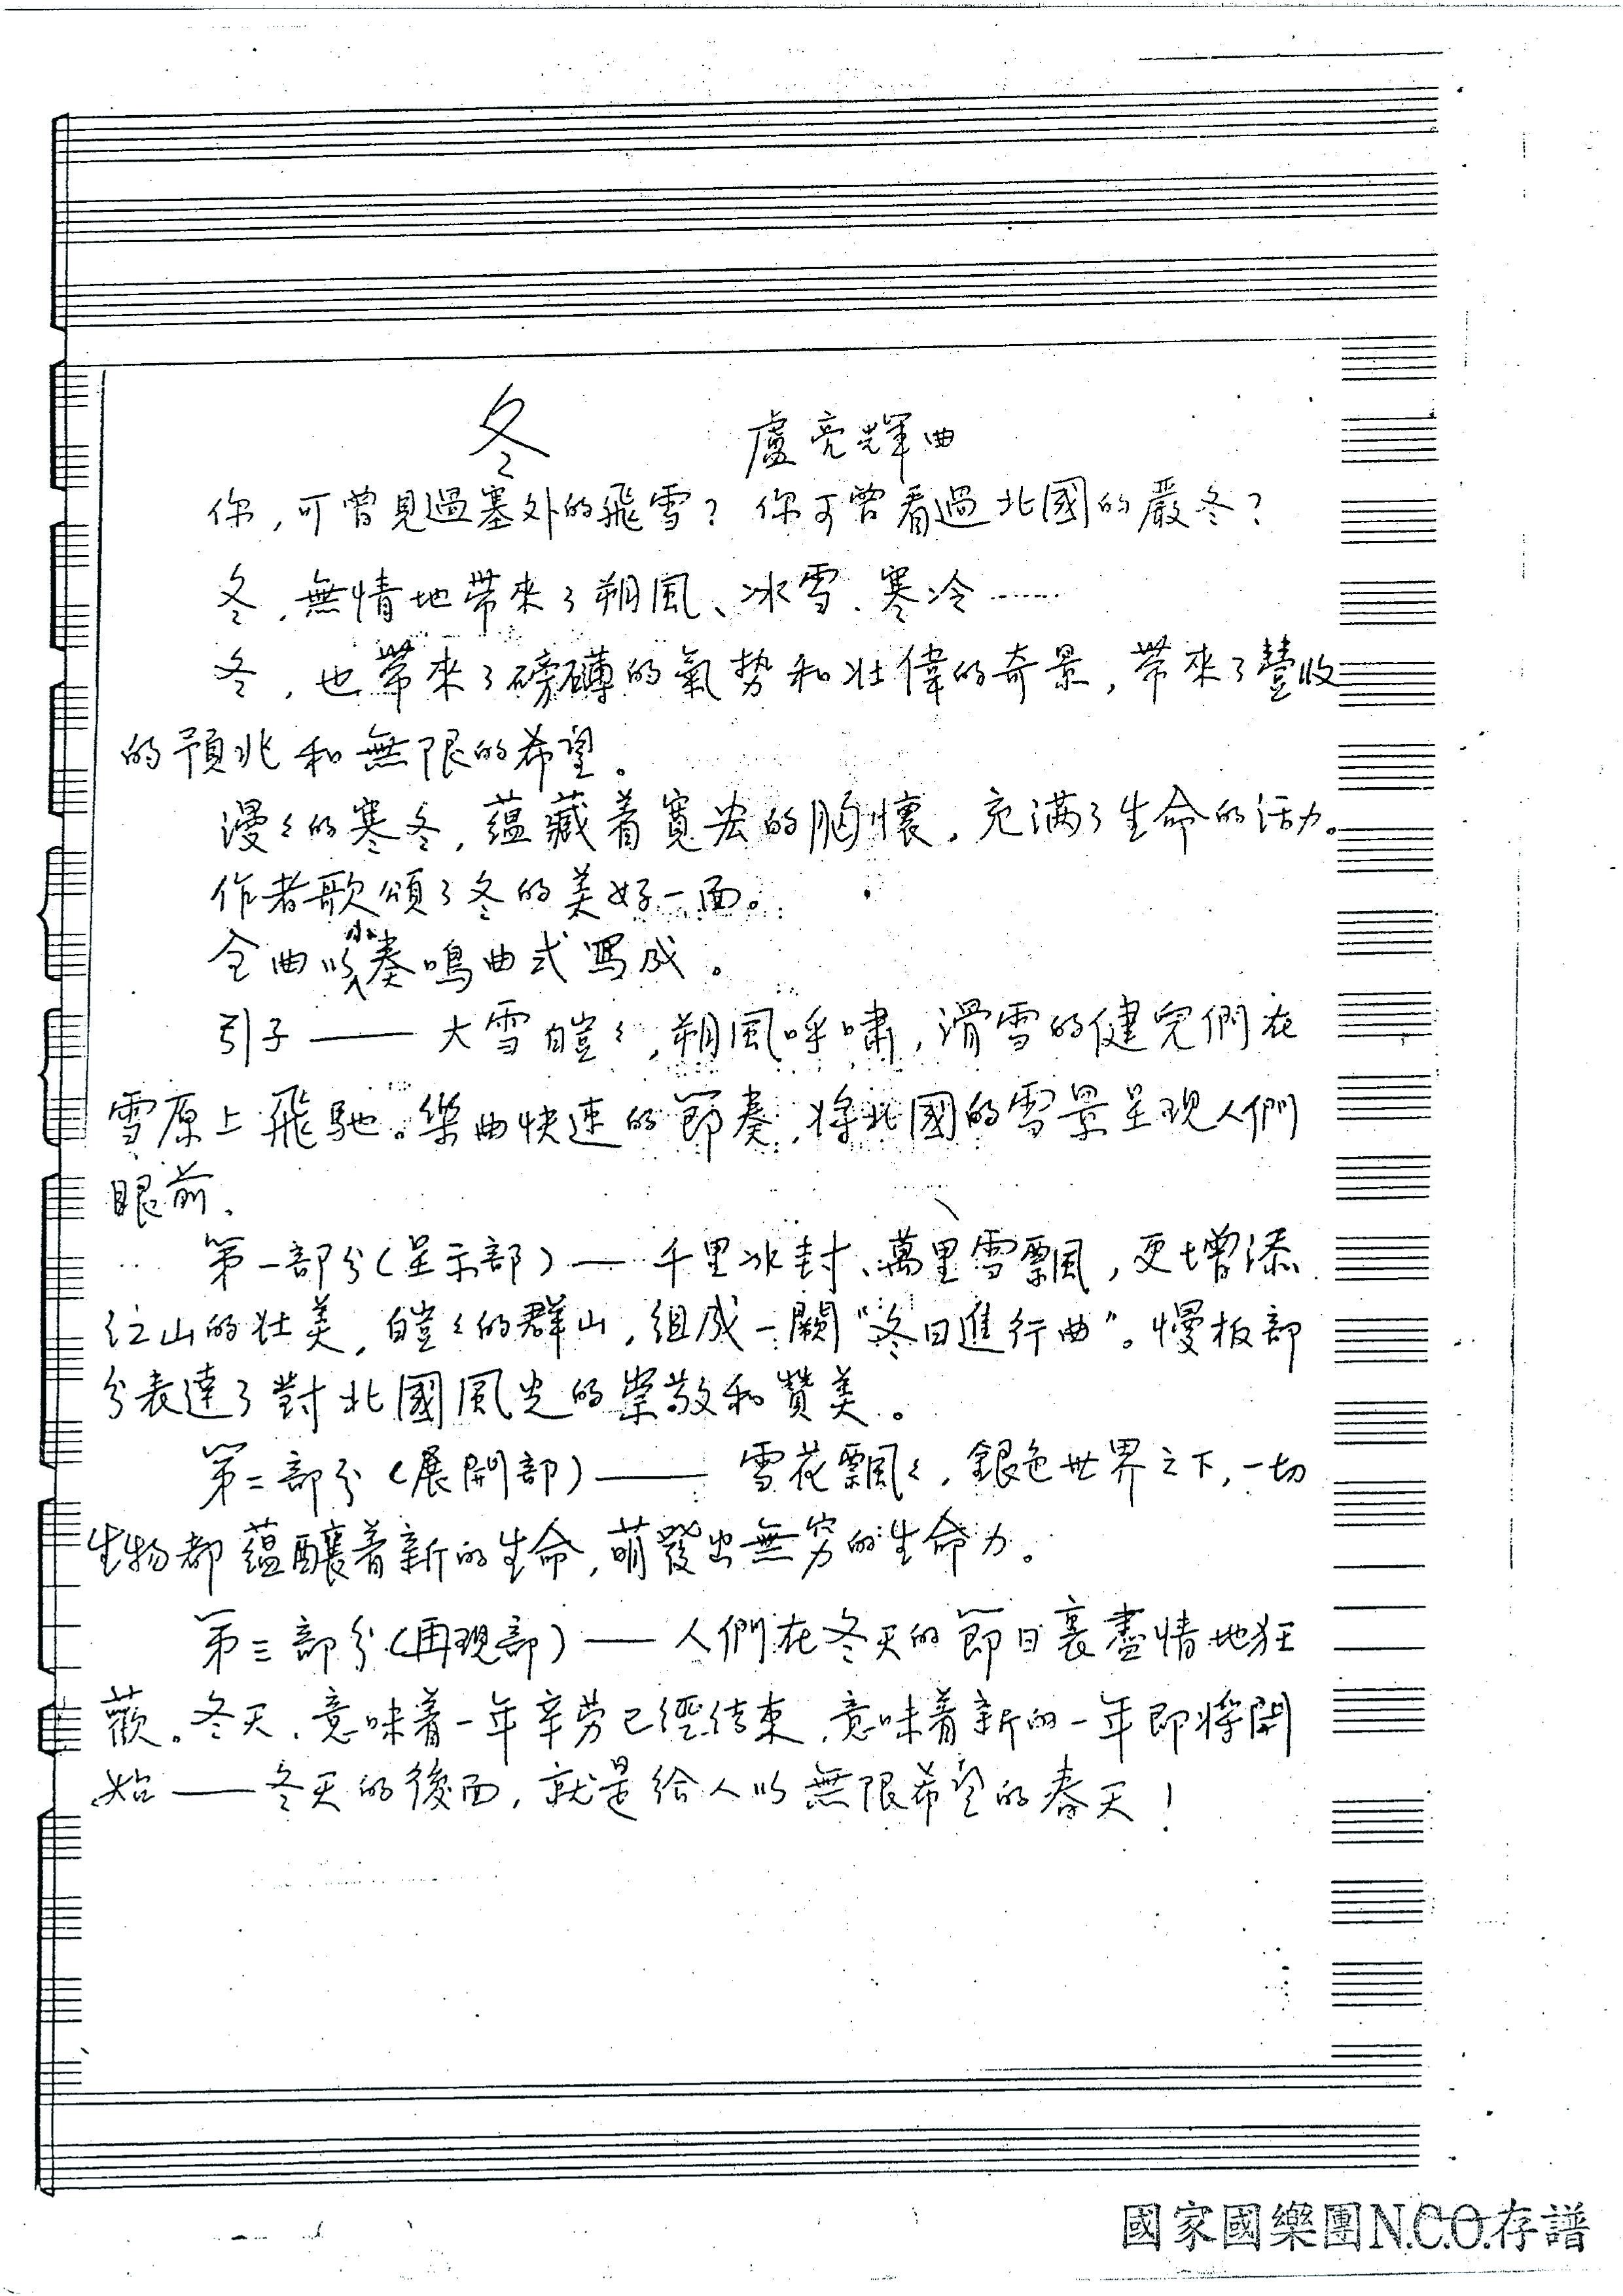 冬-大型民族管弦樂曲作品手抄譜2.jpg